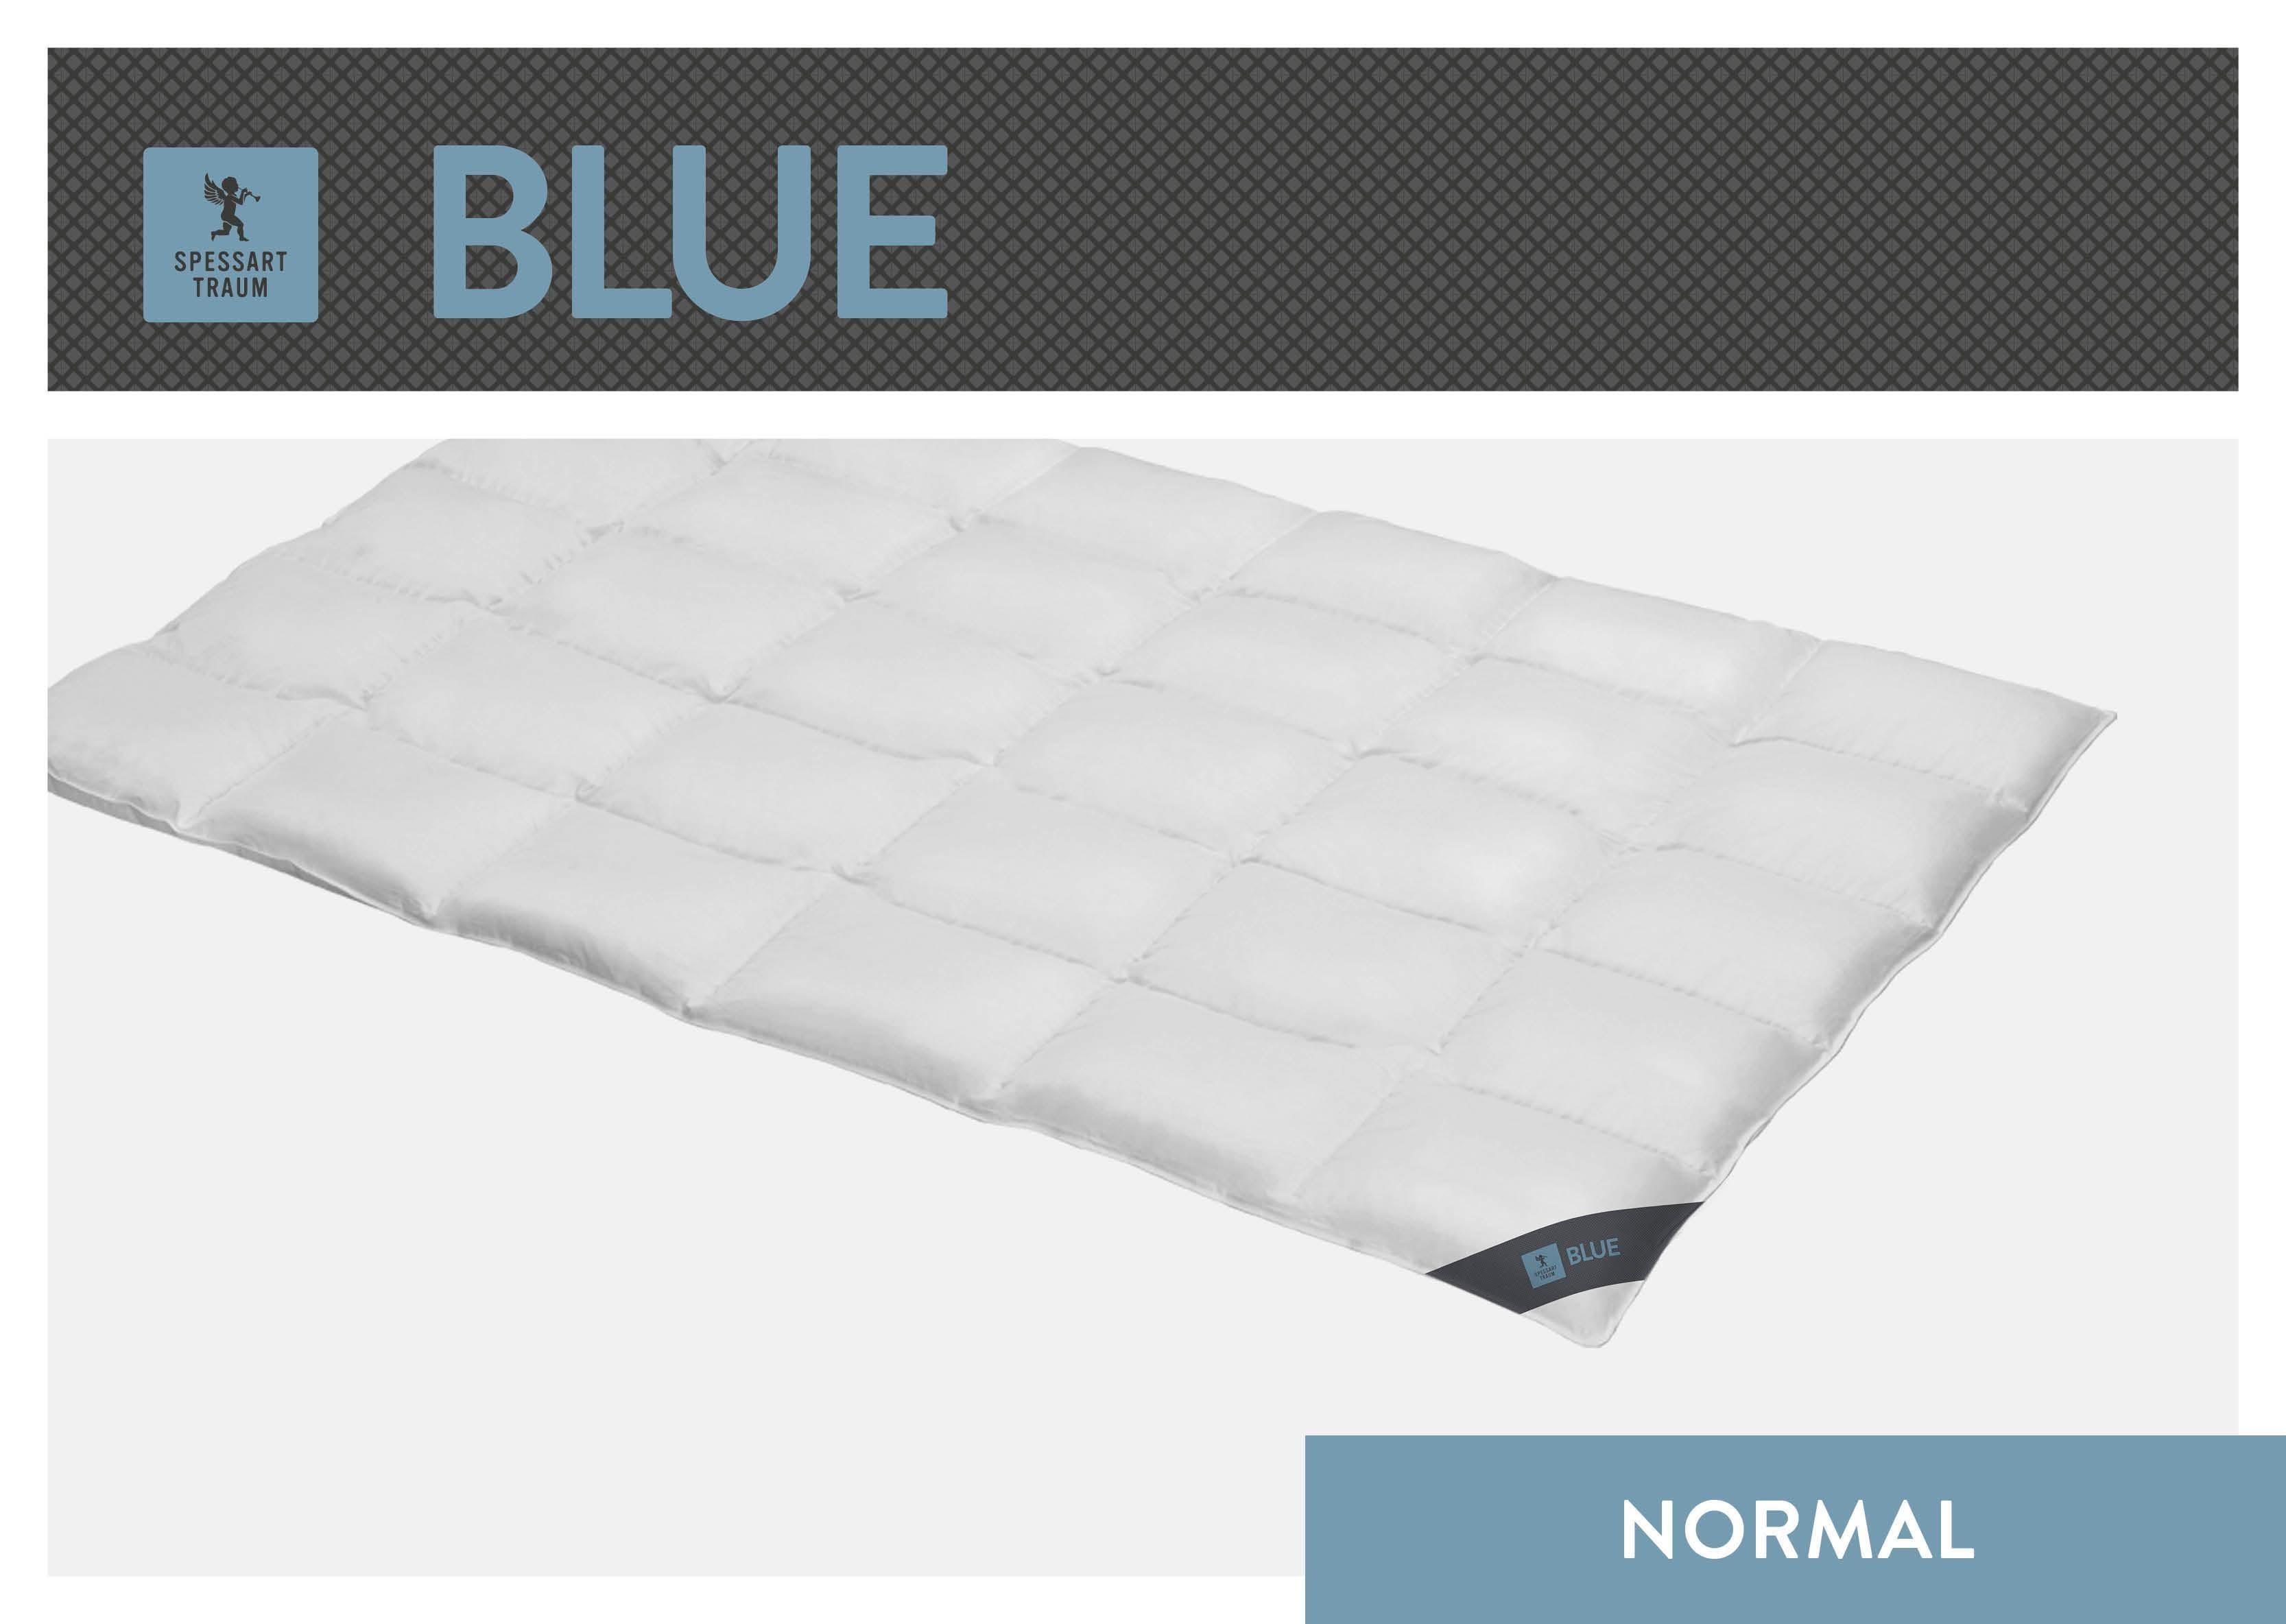 Daunenbettdecke Blue SPESSARTTRAUM normal Füllung: 60% Daunen 40% Federn Bezug: 100% Baumwolle